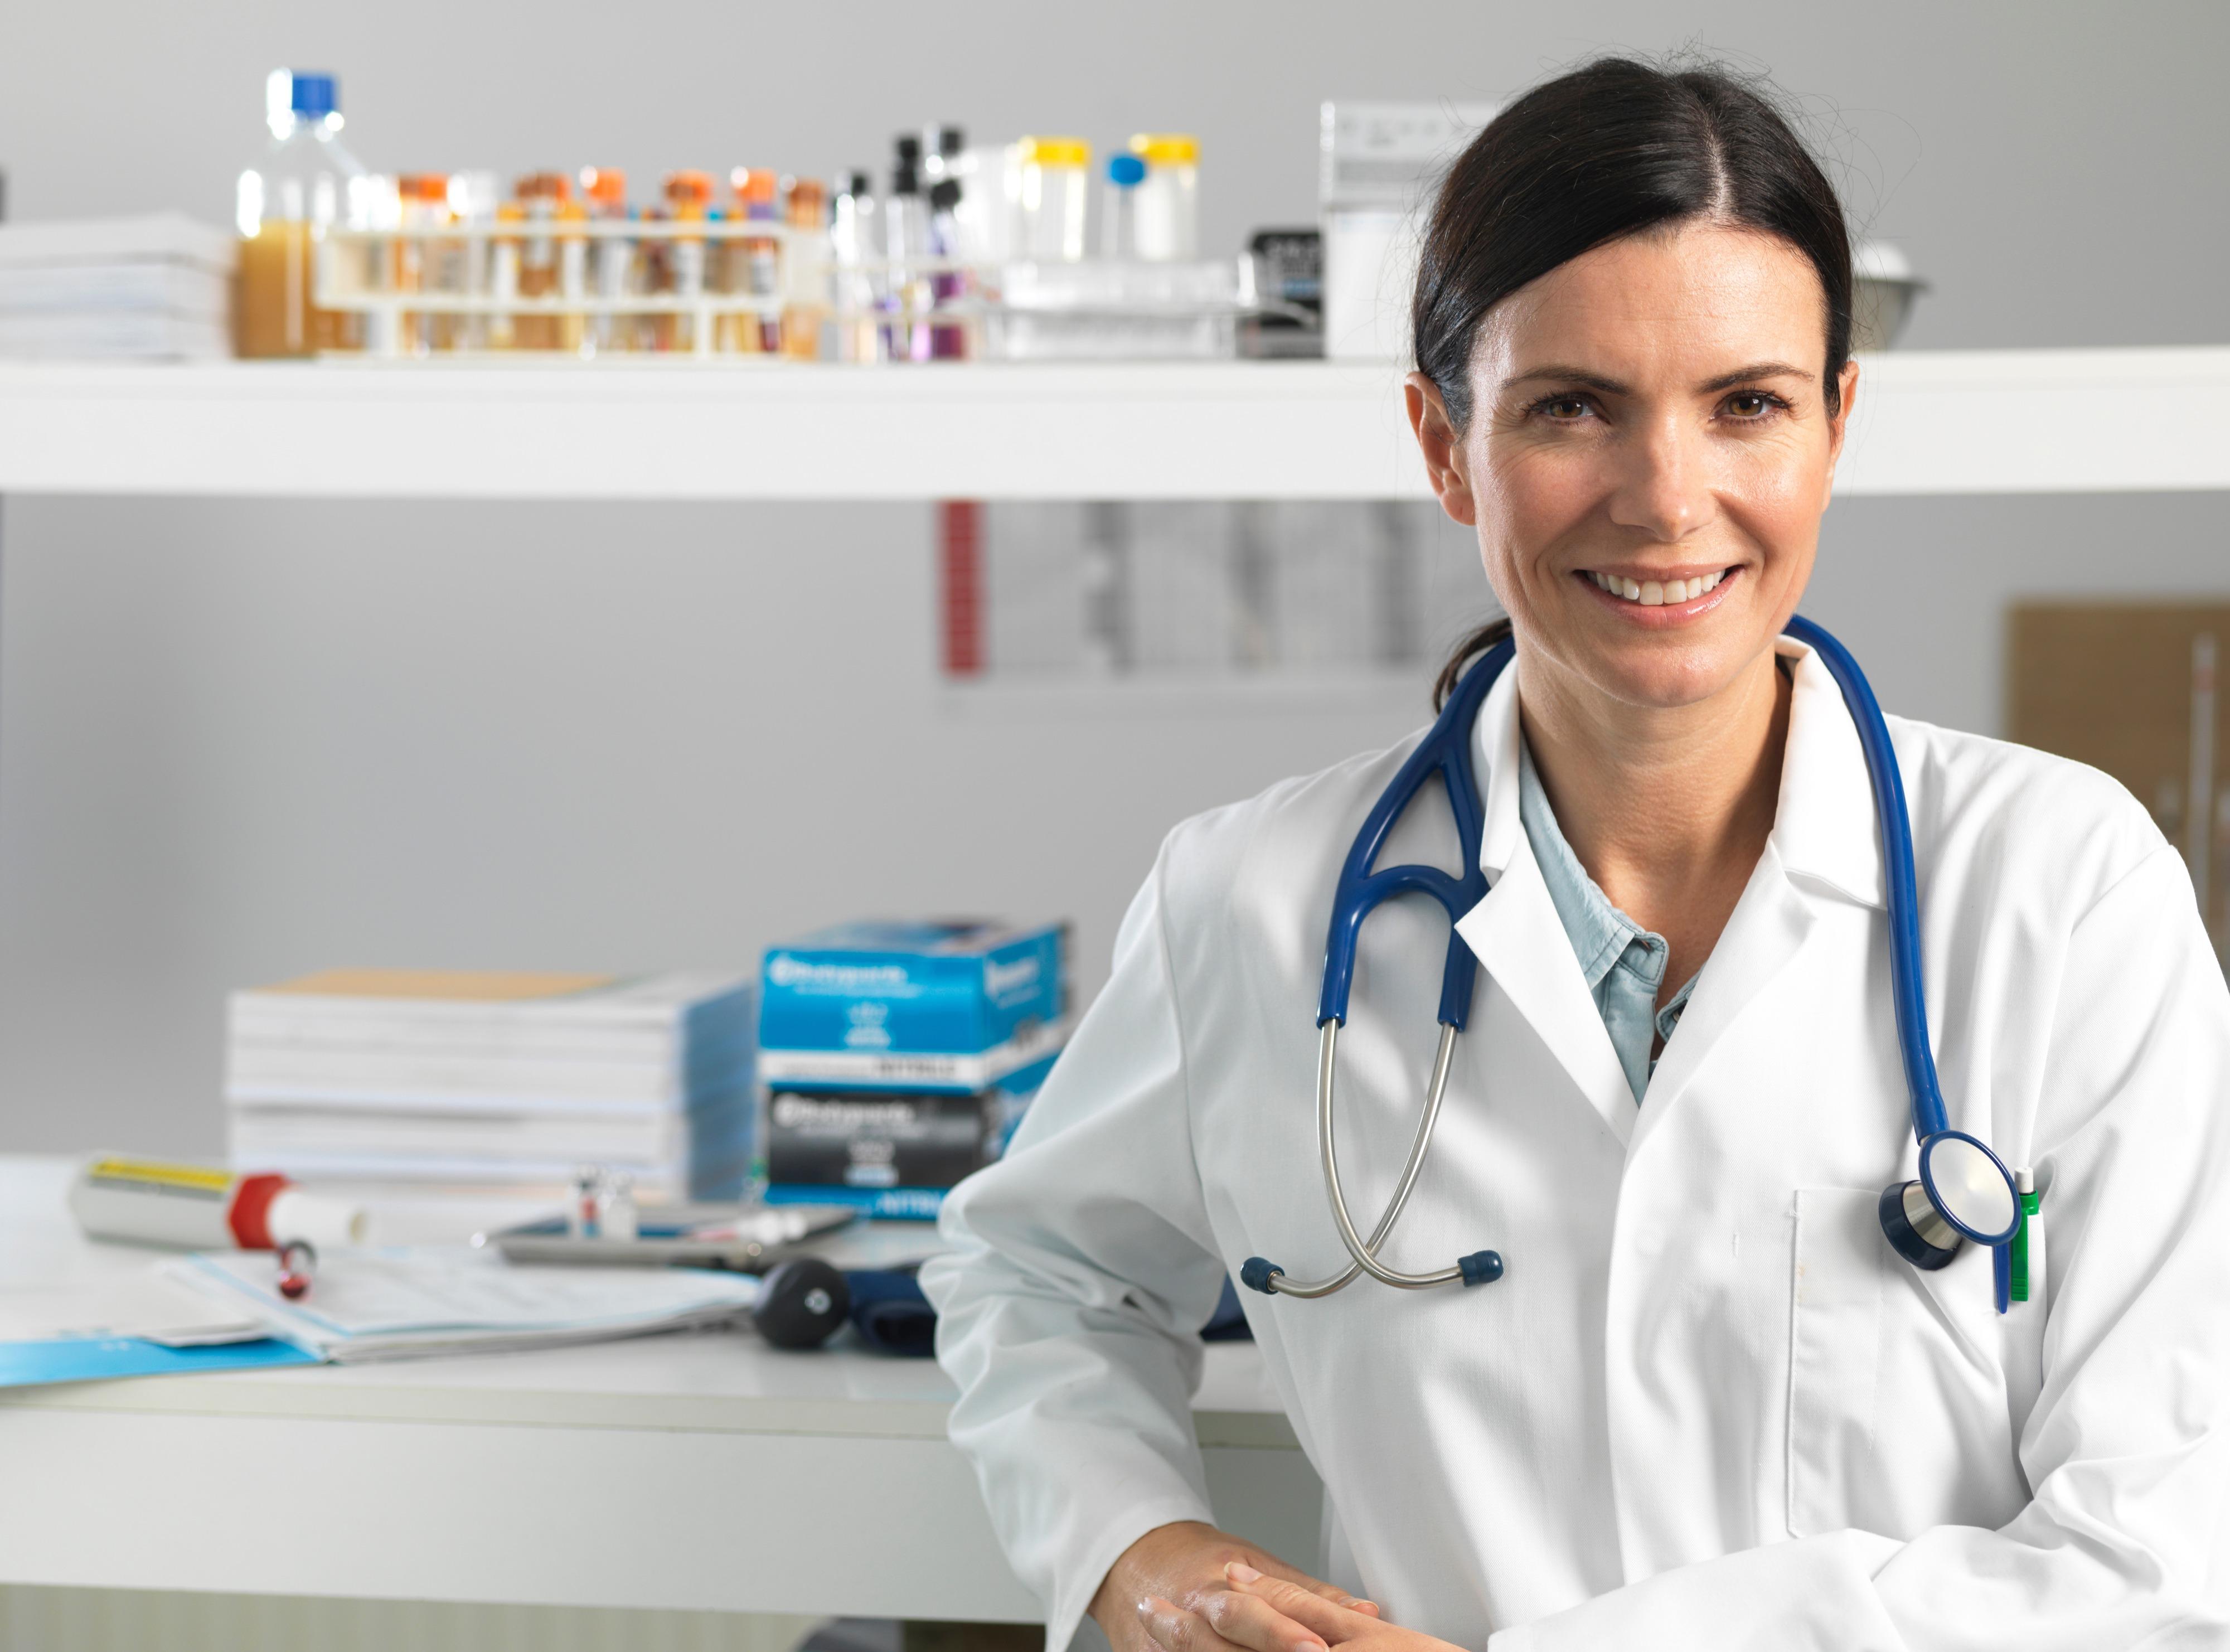 Kvinnelig lege med labfrakk og stetoskop